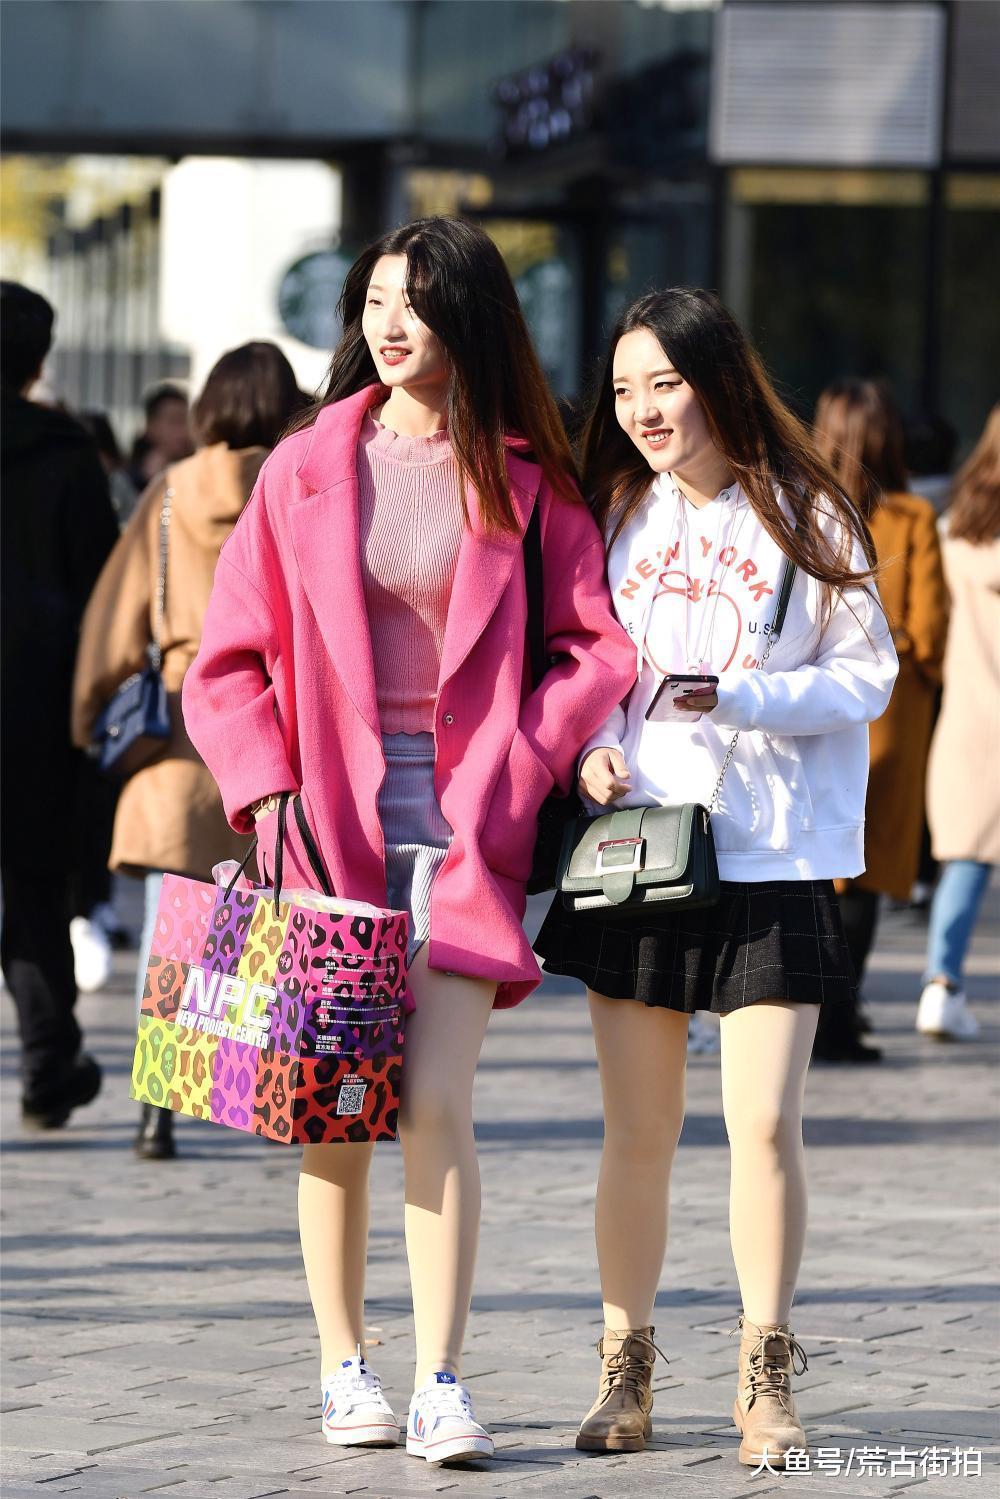 冬天约上闺蜜去逛街, 怎么能不搭配一下呢?